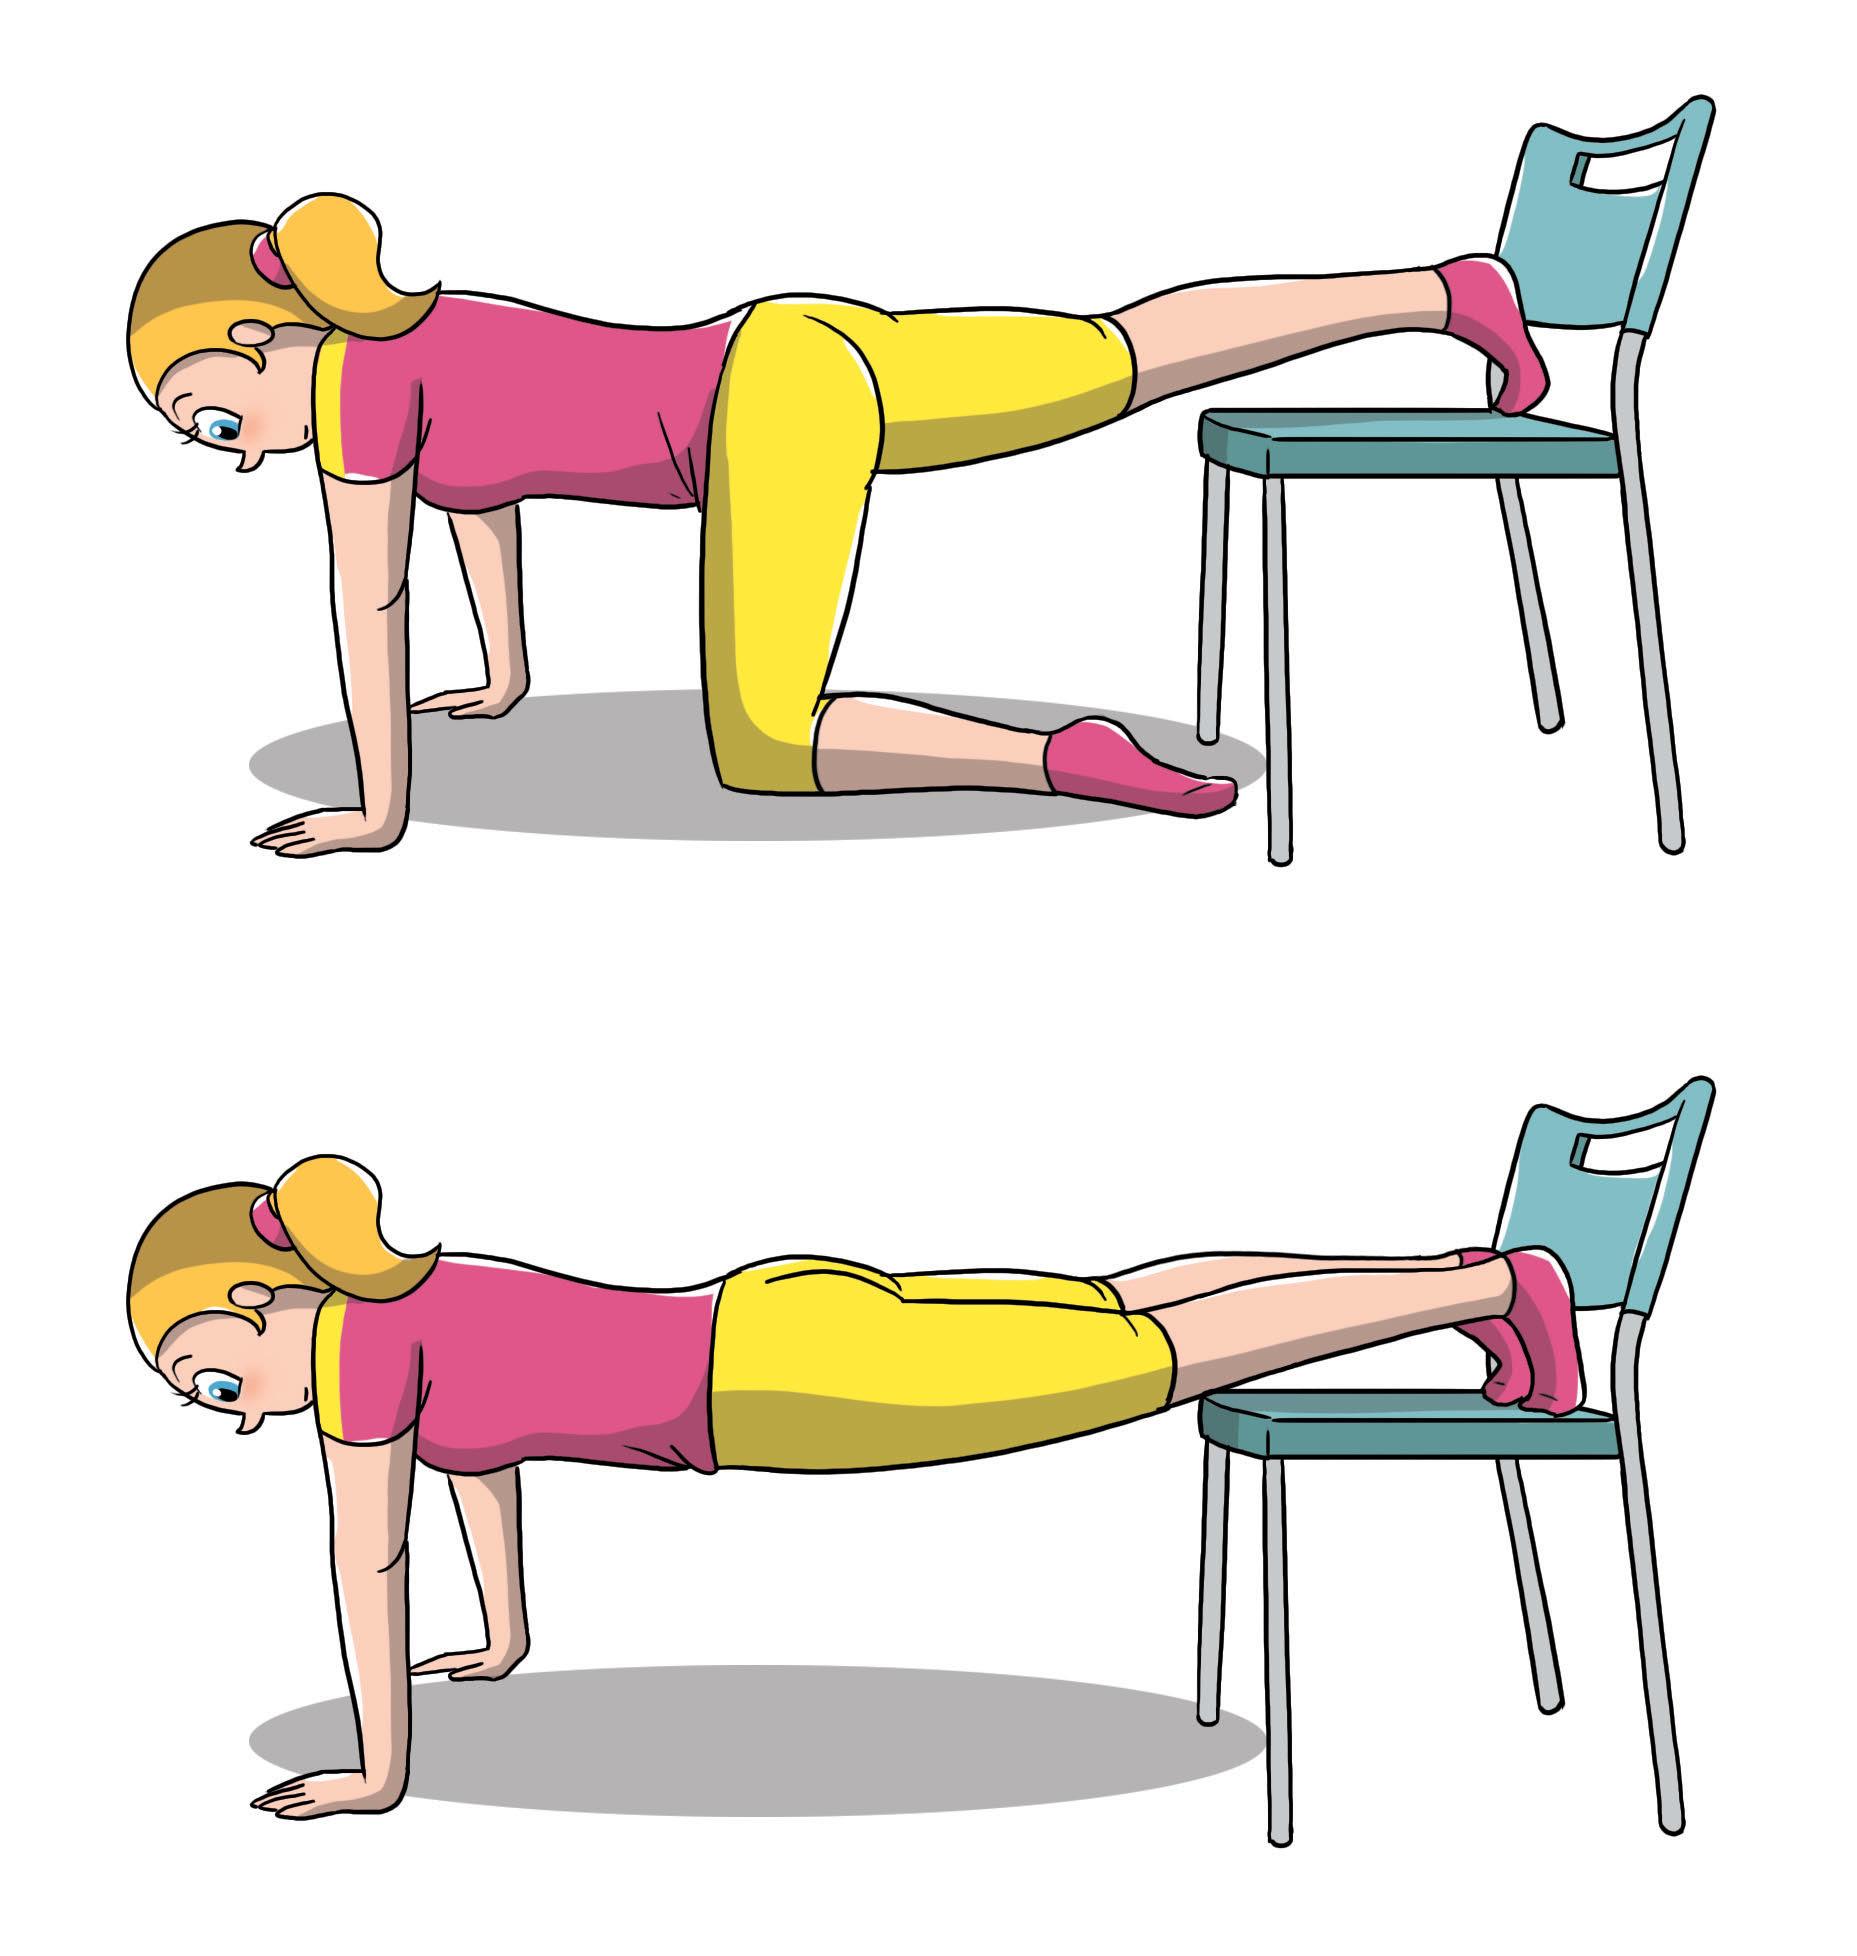 esercizi sedia per addominali: le flessioni